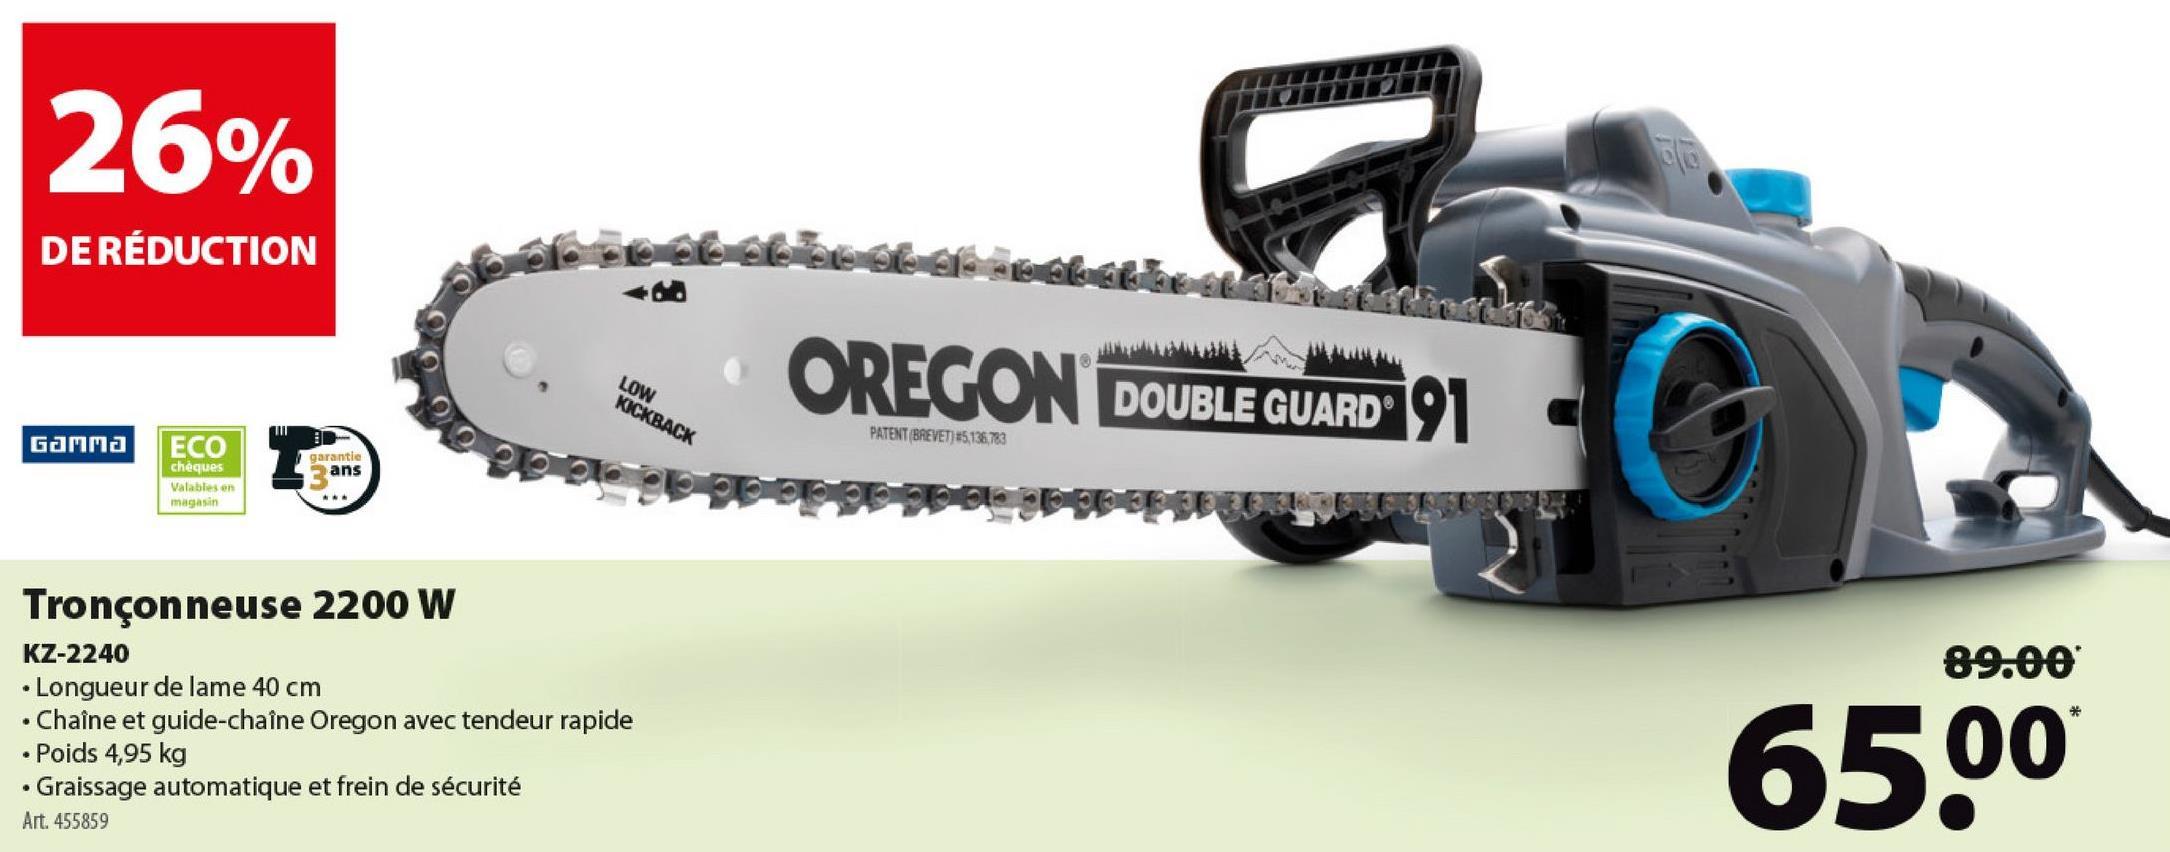 Tronçonneuse GAMMA KZ-2240 2200 W 40 cm GAMMA vous propose sa propre tronçonneuse : la super qualité à un super prix ! Sa puissance est de 2 200 W, et sa lame Oregon a une longueur de 40 centimètres.